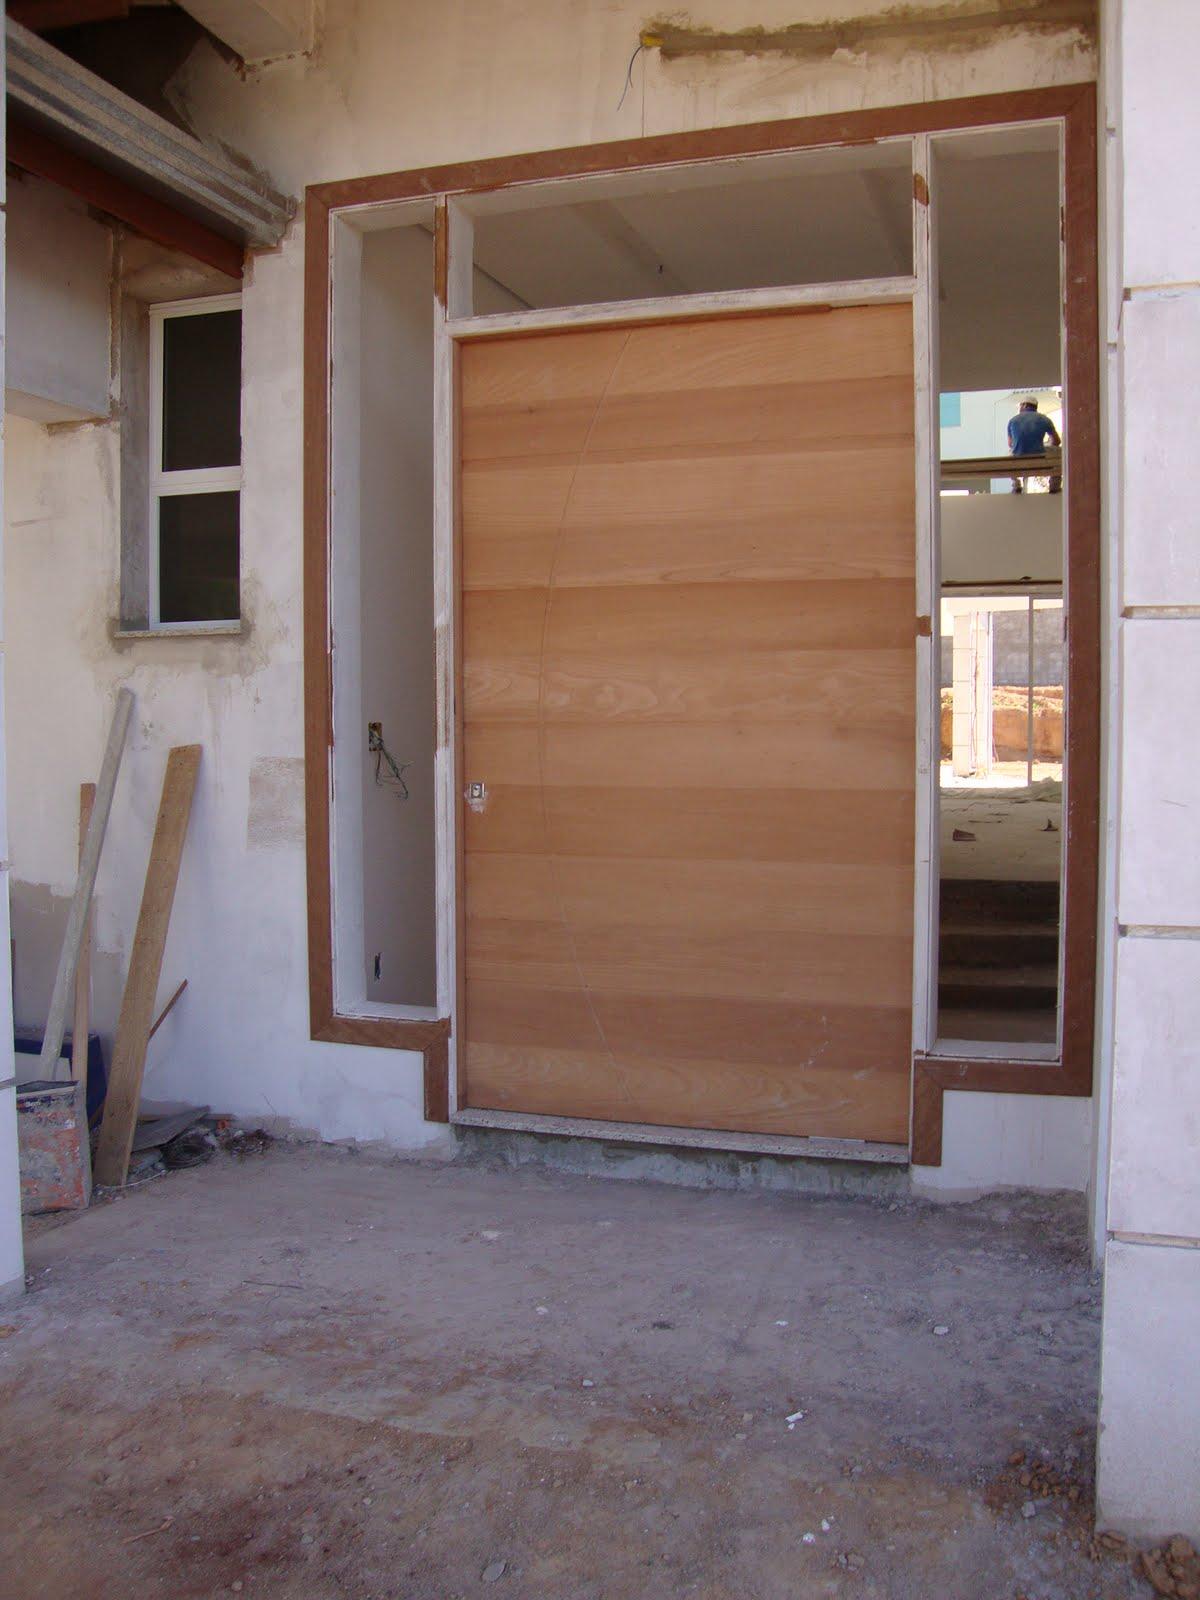 #845F47 Casa em Construção: Não falta muito  1066 Portas E Janelas De Aluminio Em Feira De Santana